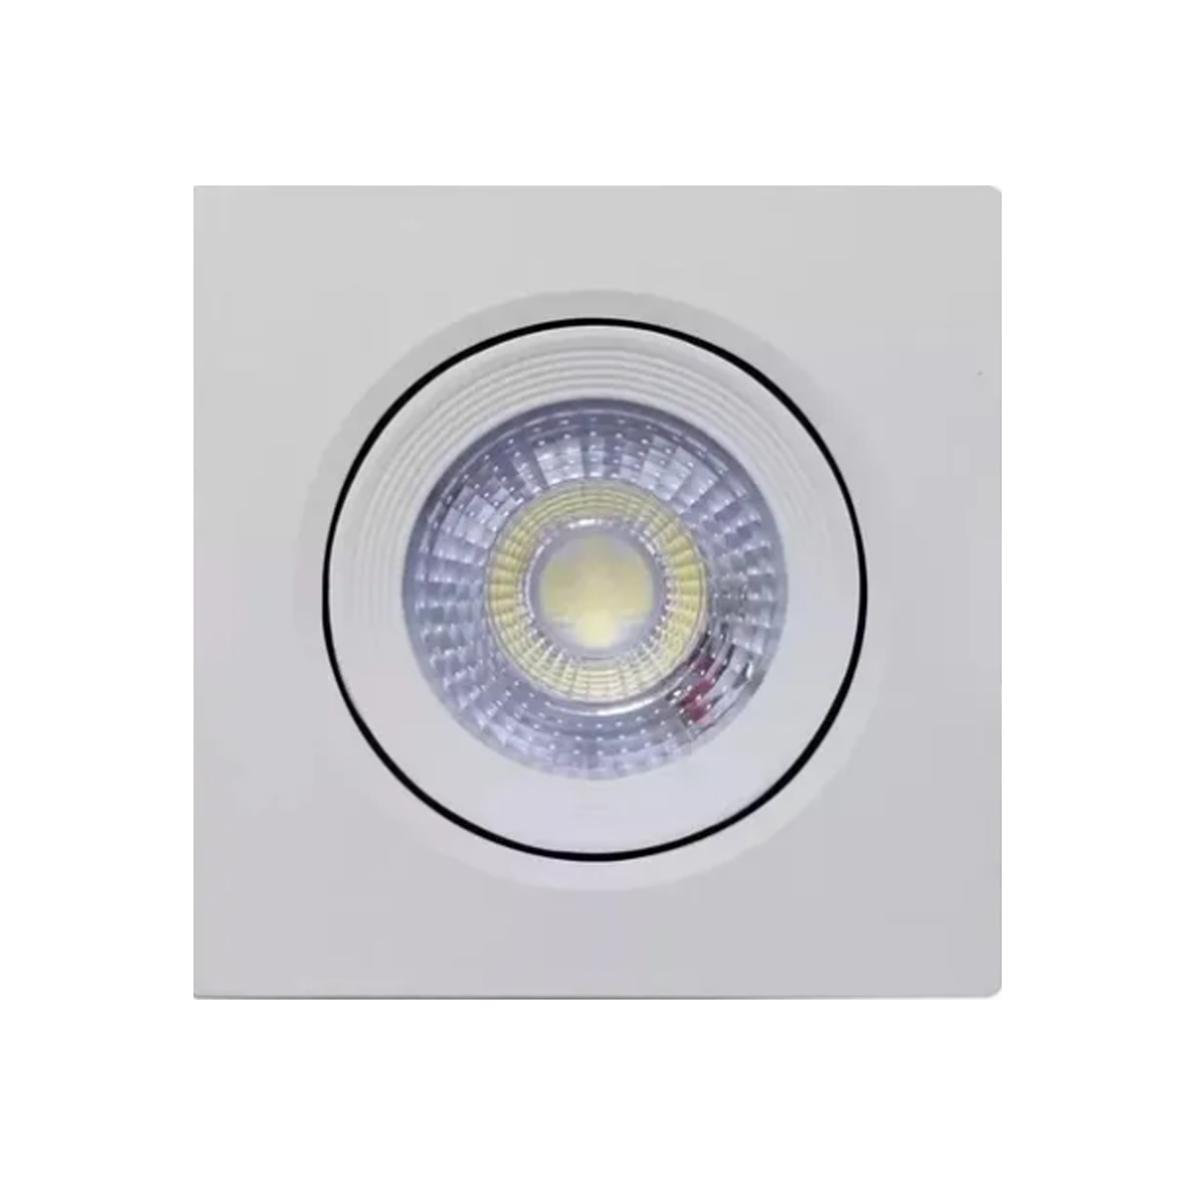 Spot LED 9w Quadrado / Branco Frio